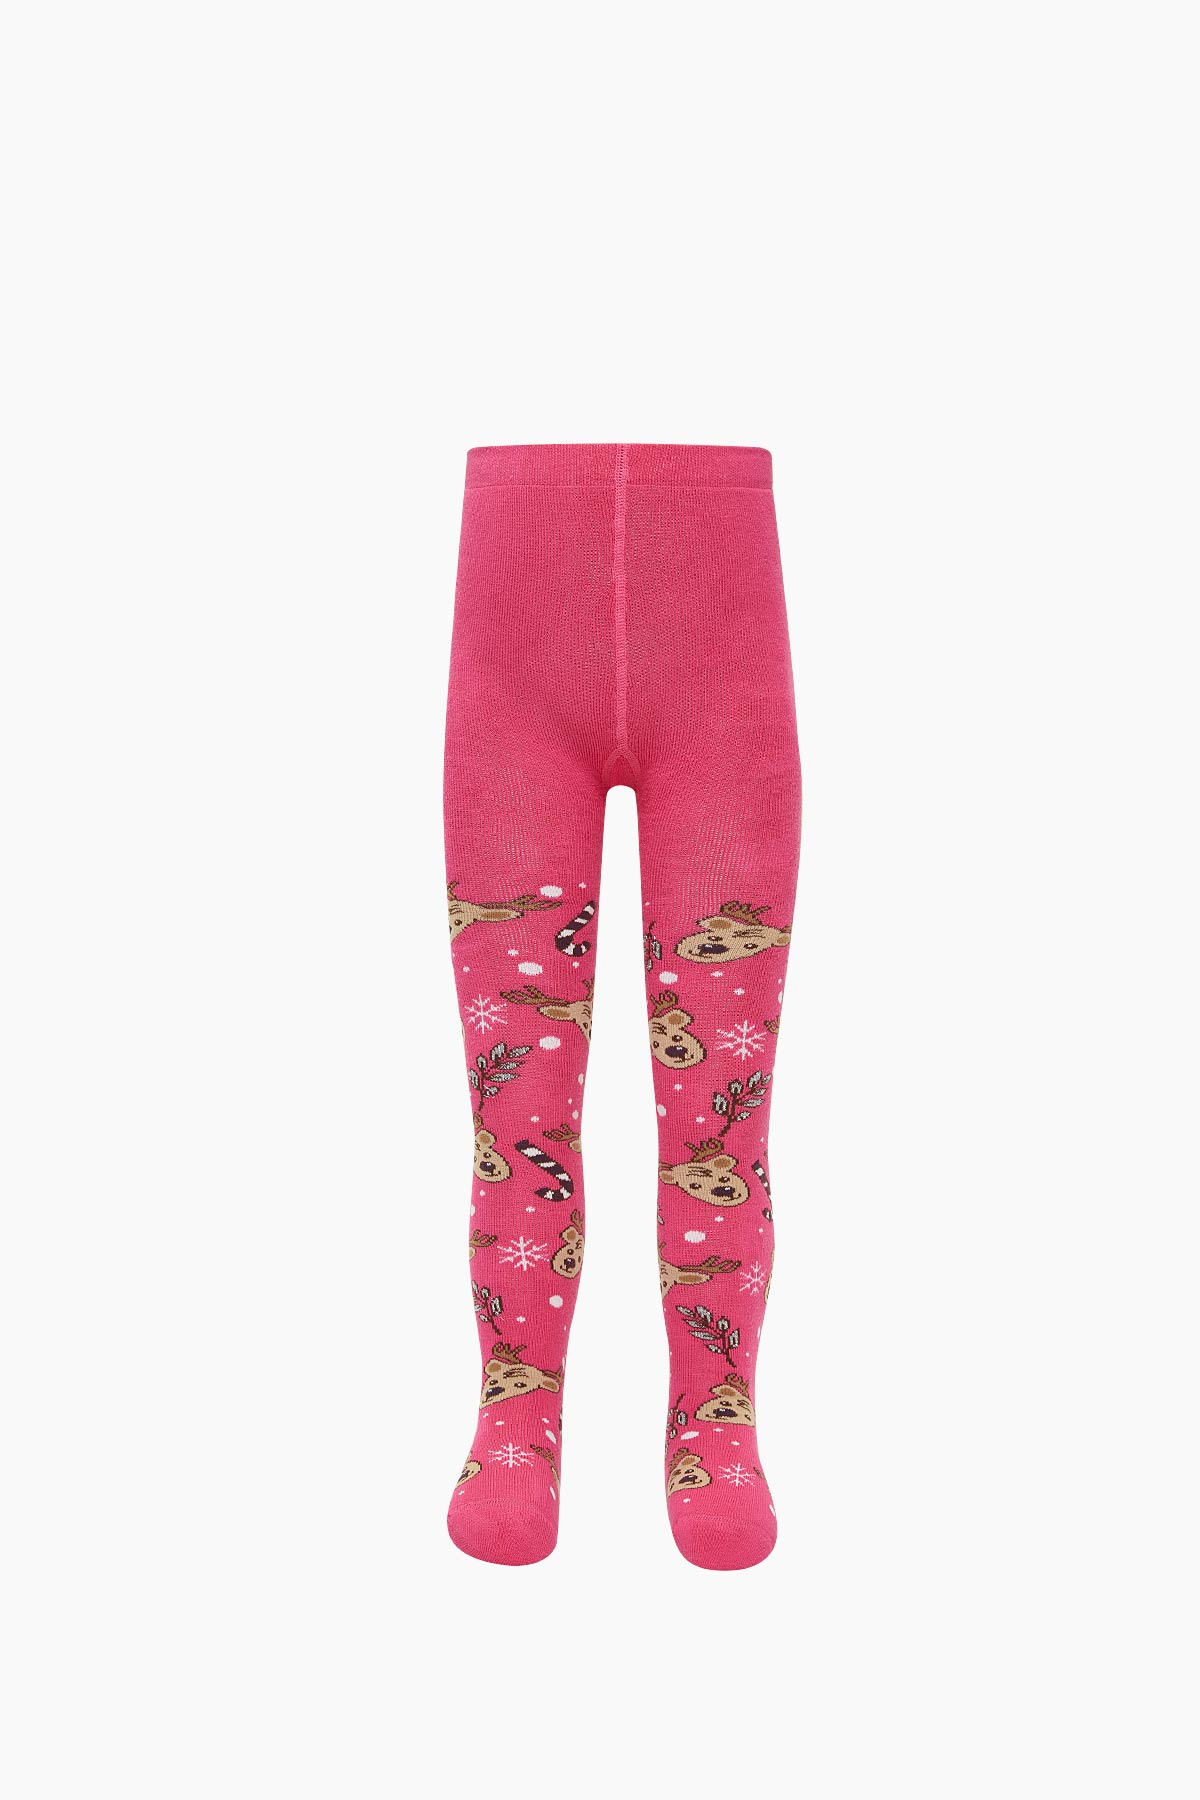 Bross Yılbaşı Geyik Desenli Havlu Külotlu Çocuk Çorabı